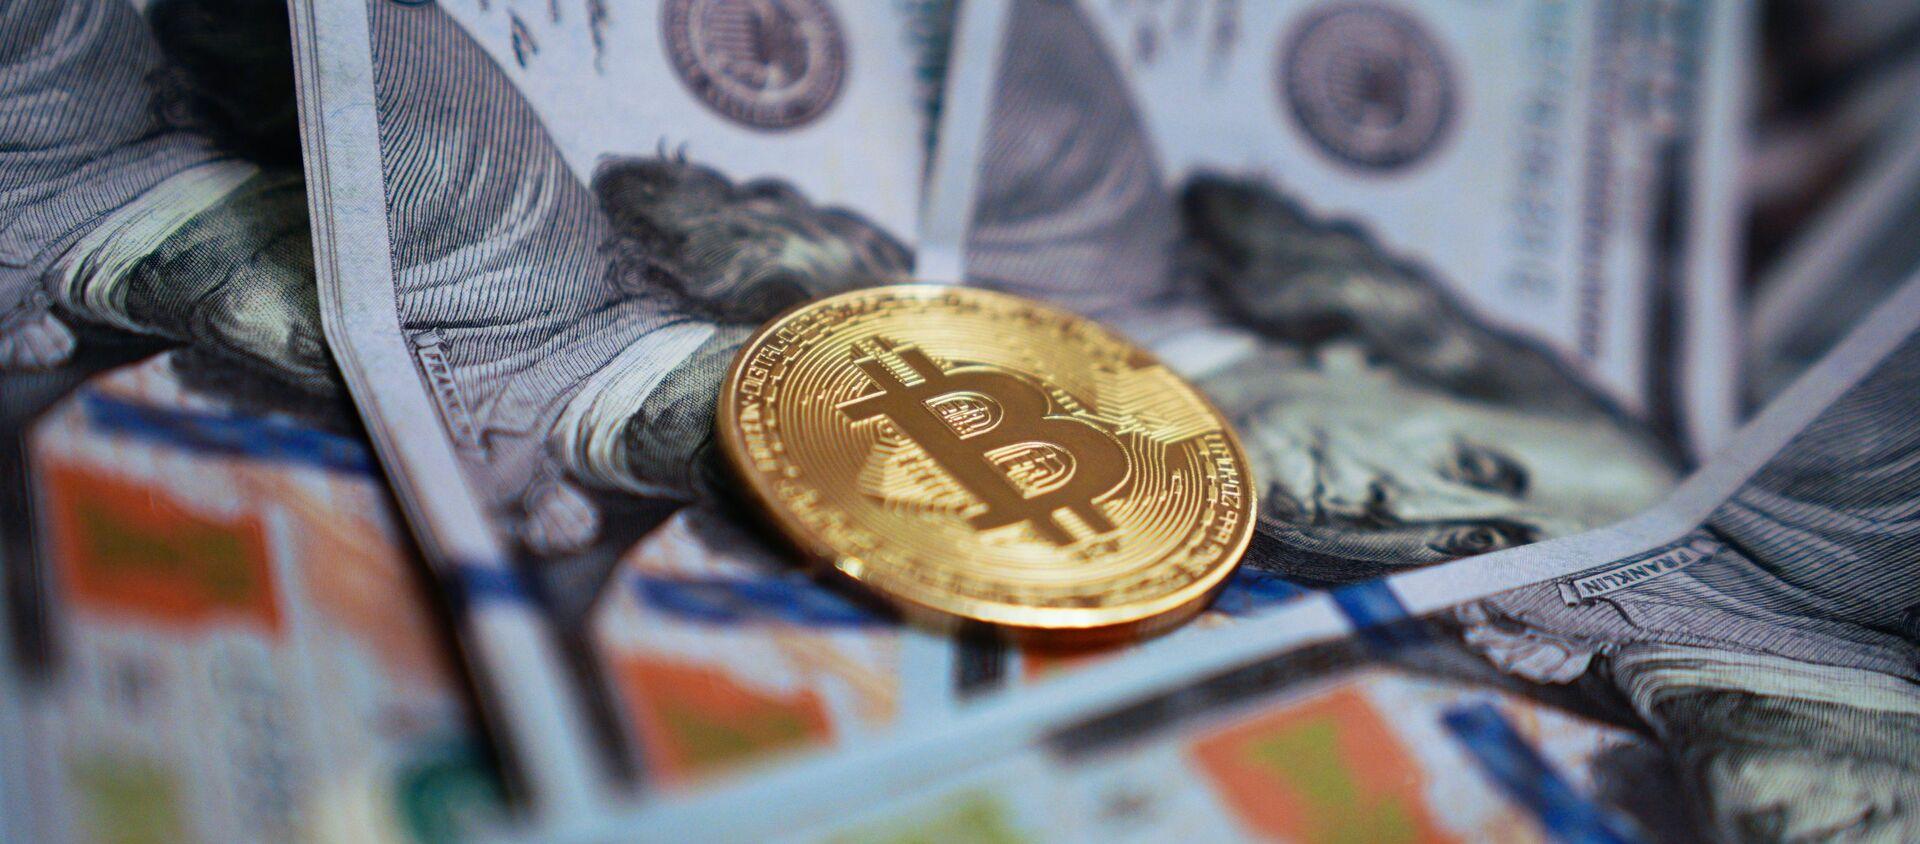 Сувенирная монета с логотипом криптовалюты биткоин. - Sputnik Аҧсны, 1920, 16.02.2021